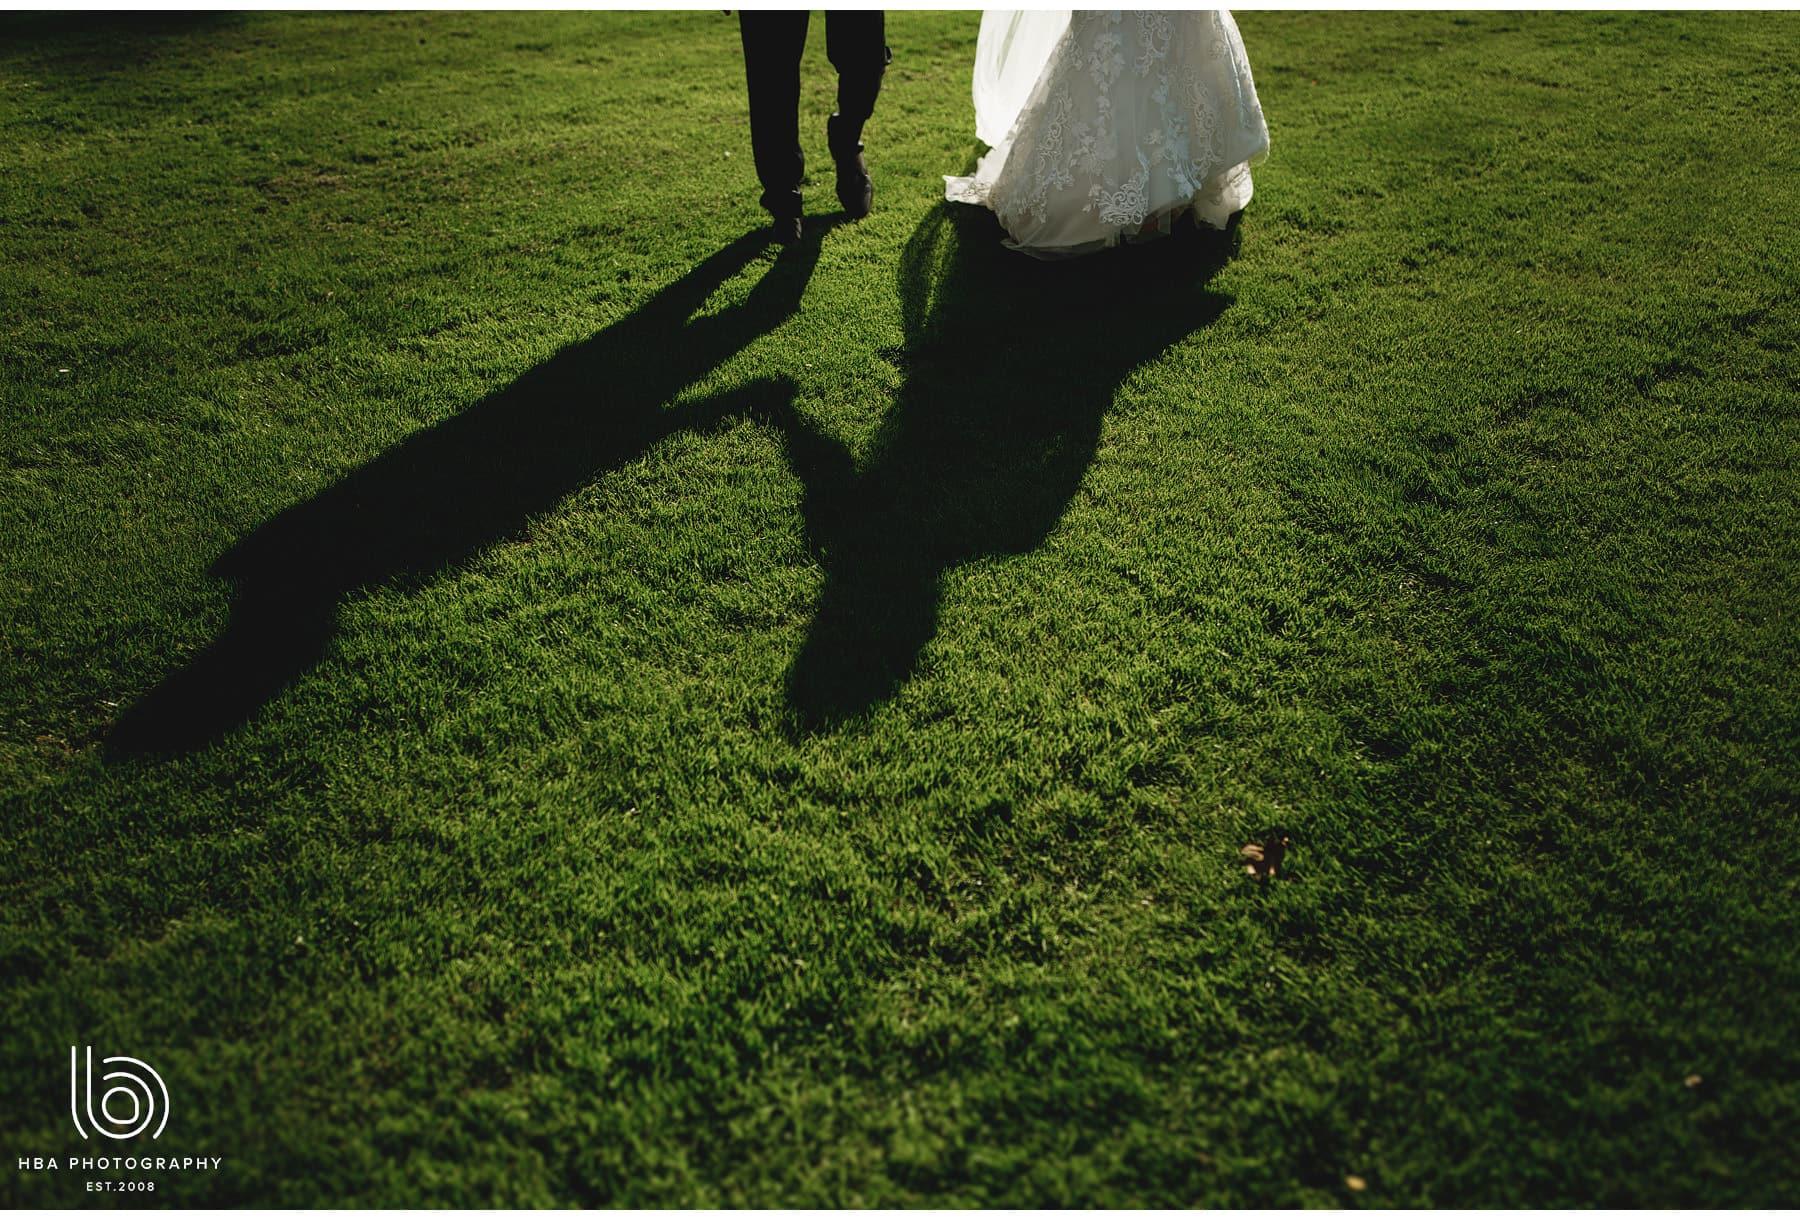 the bride & groom's shadow